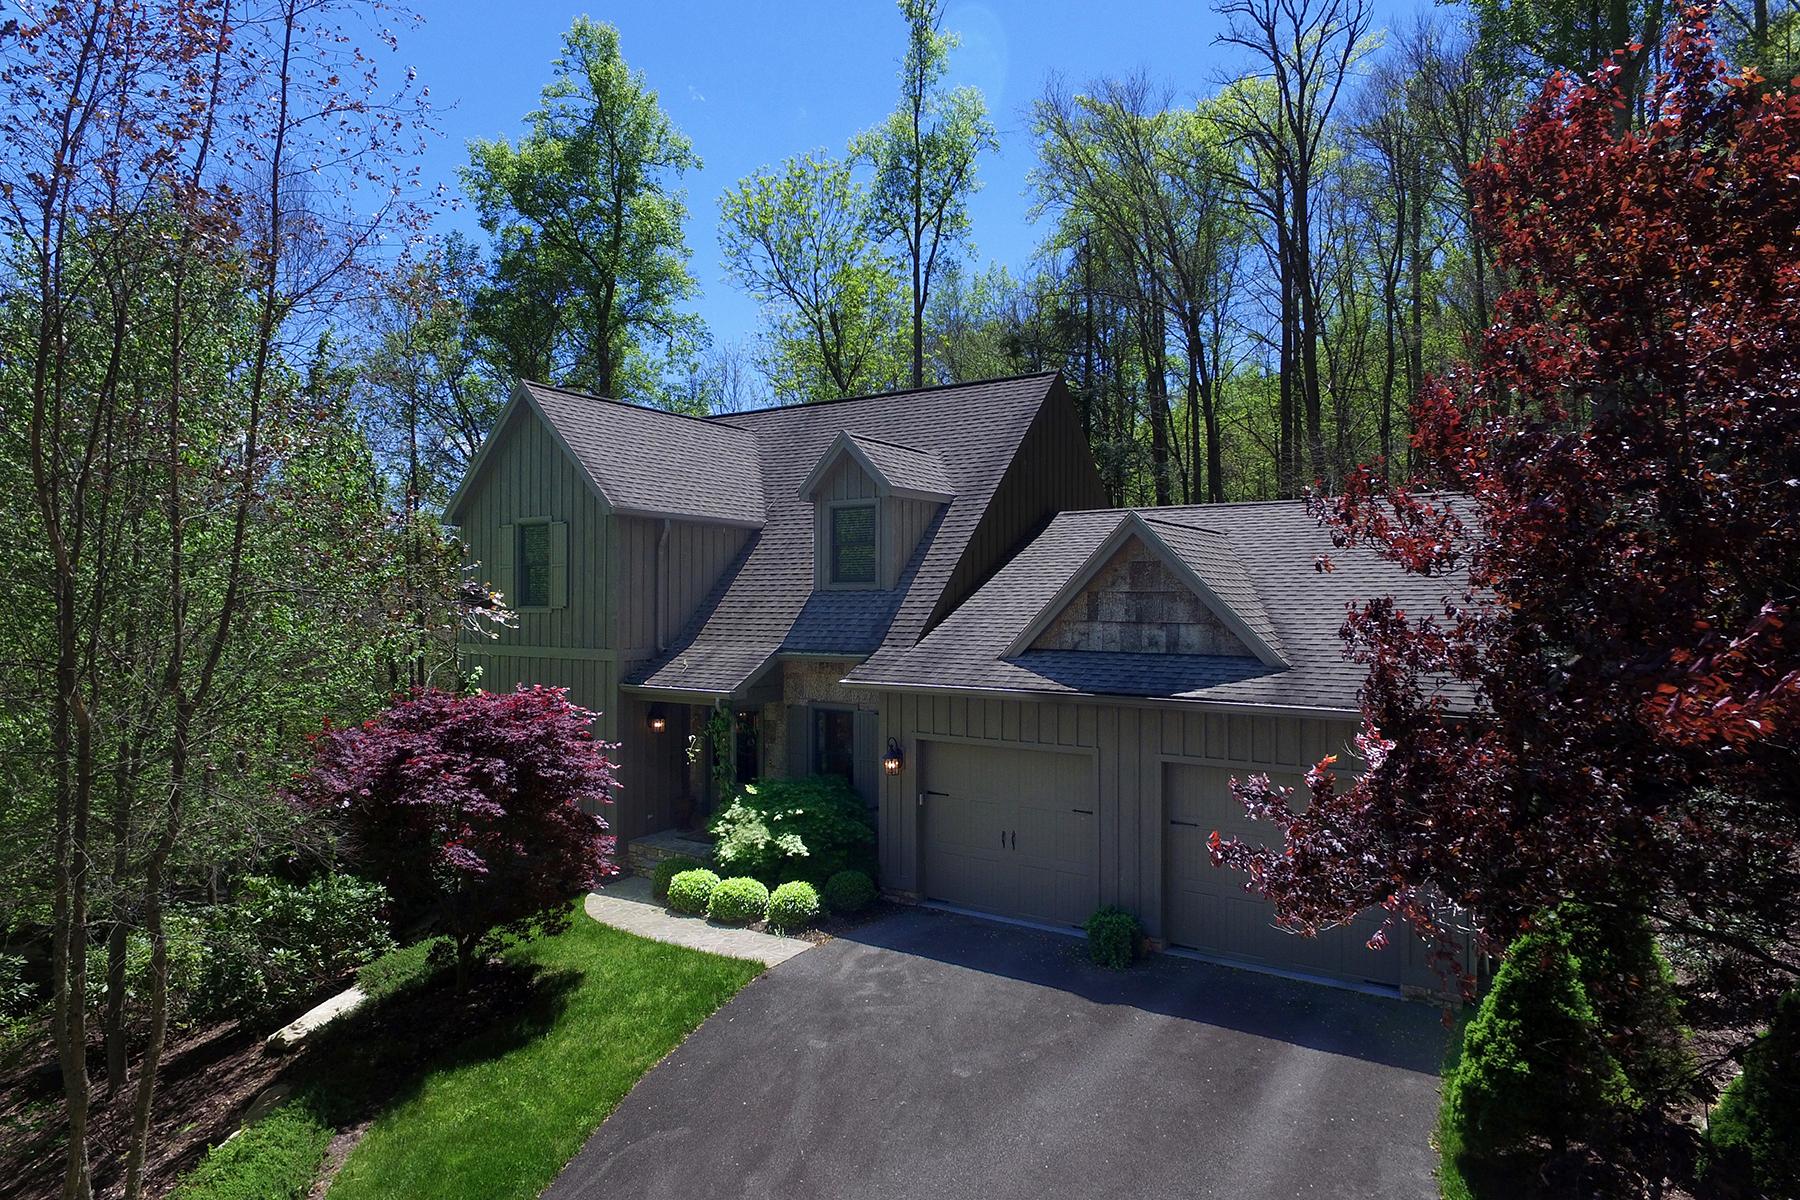 Maison unifamiliale pour l à vendre à BANNER ELK - SOUTHERN SKIES 392 Tara Dr, Banner Elk, Carolina Du Nord, 28604 États-Unis